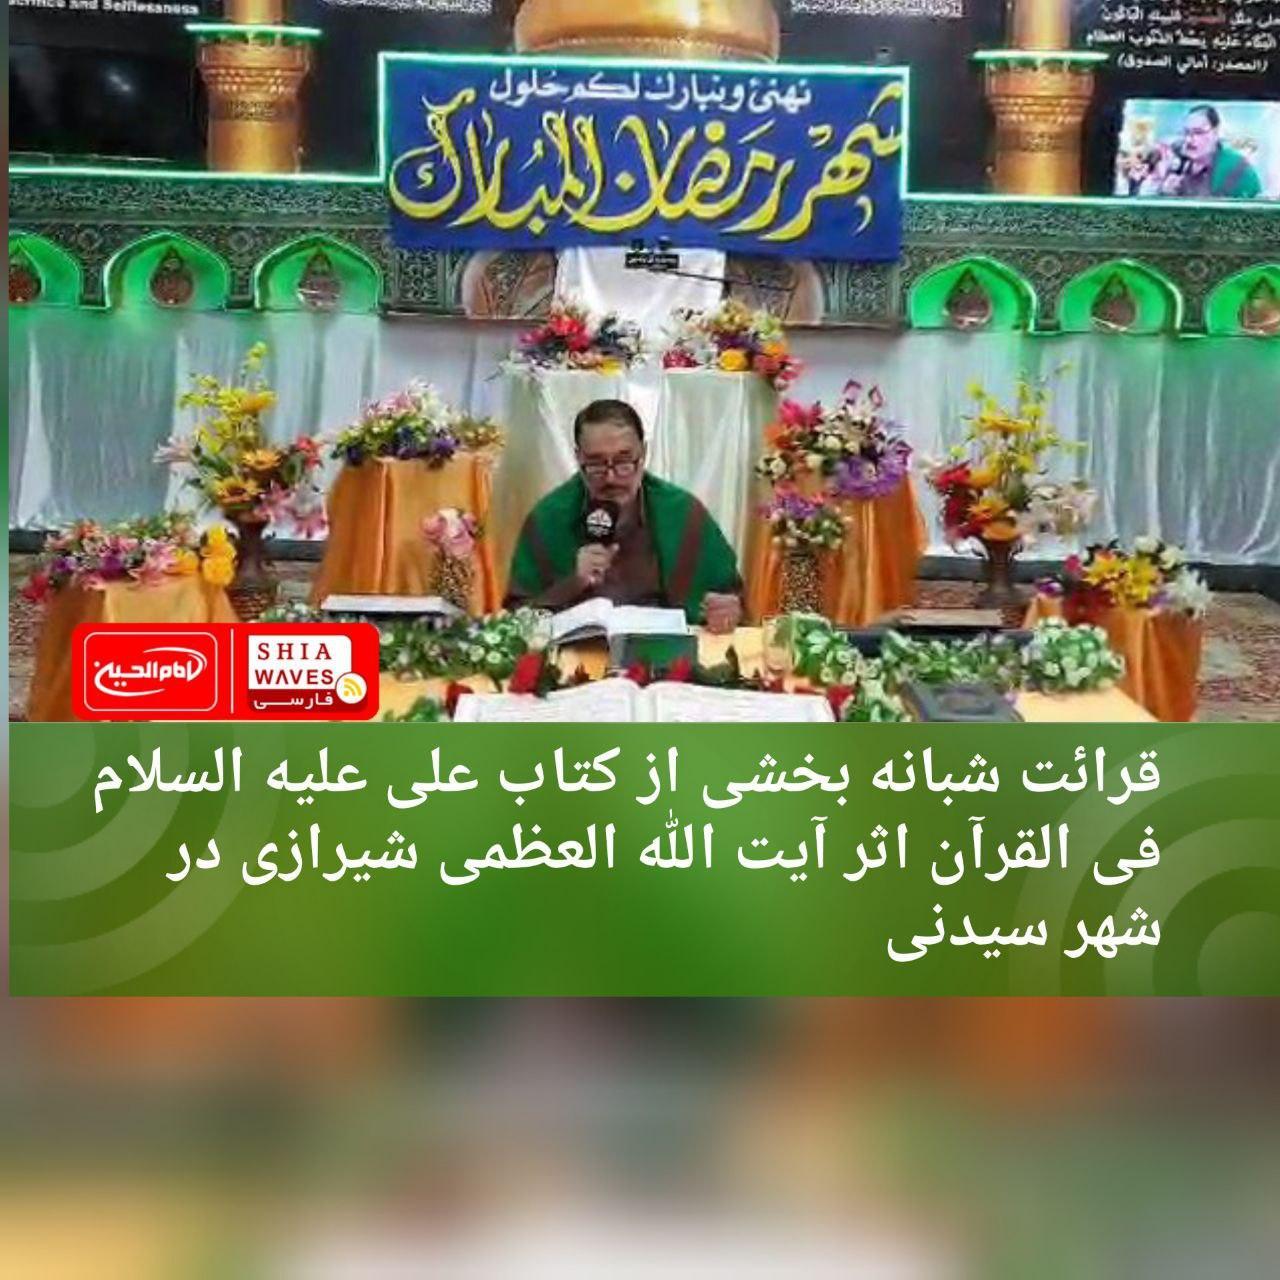 تصویر قرائت شبانه بخشی از کتاب علی علیه السلام فی القرآن اثر آیت الله العظمی شیرازی در شهر سیدنی